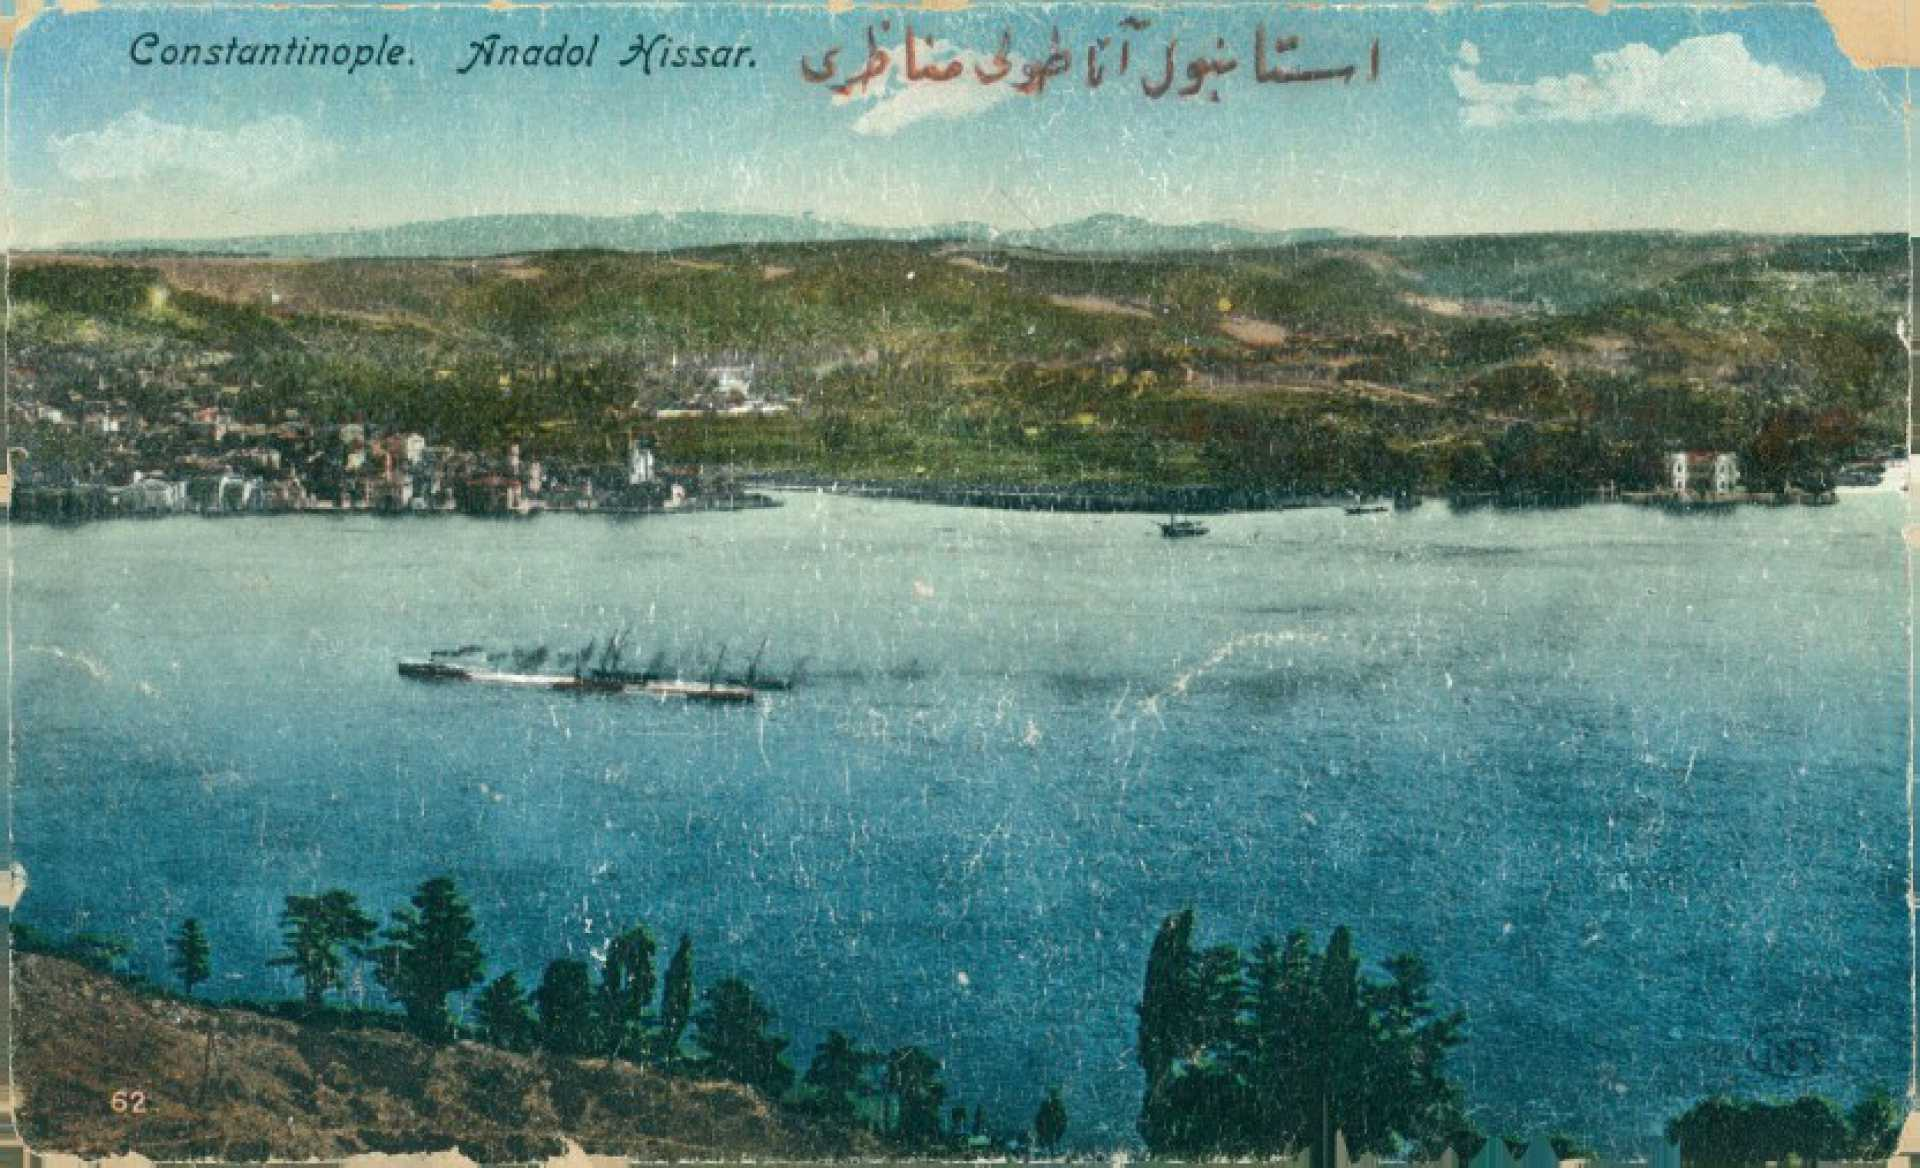 Constantinople. Anadol Hissar.